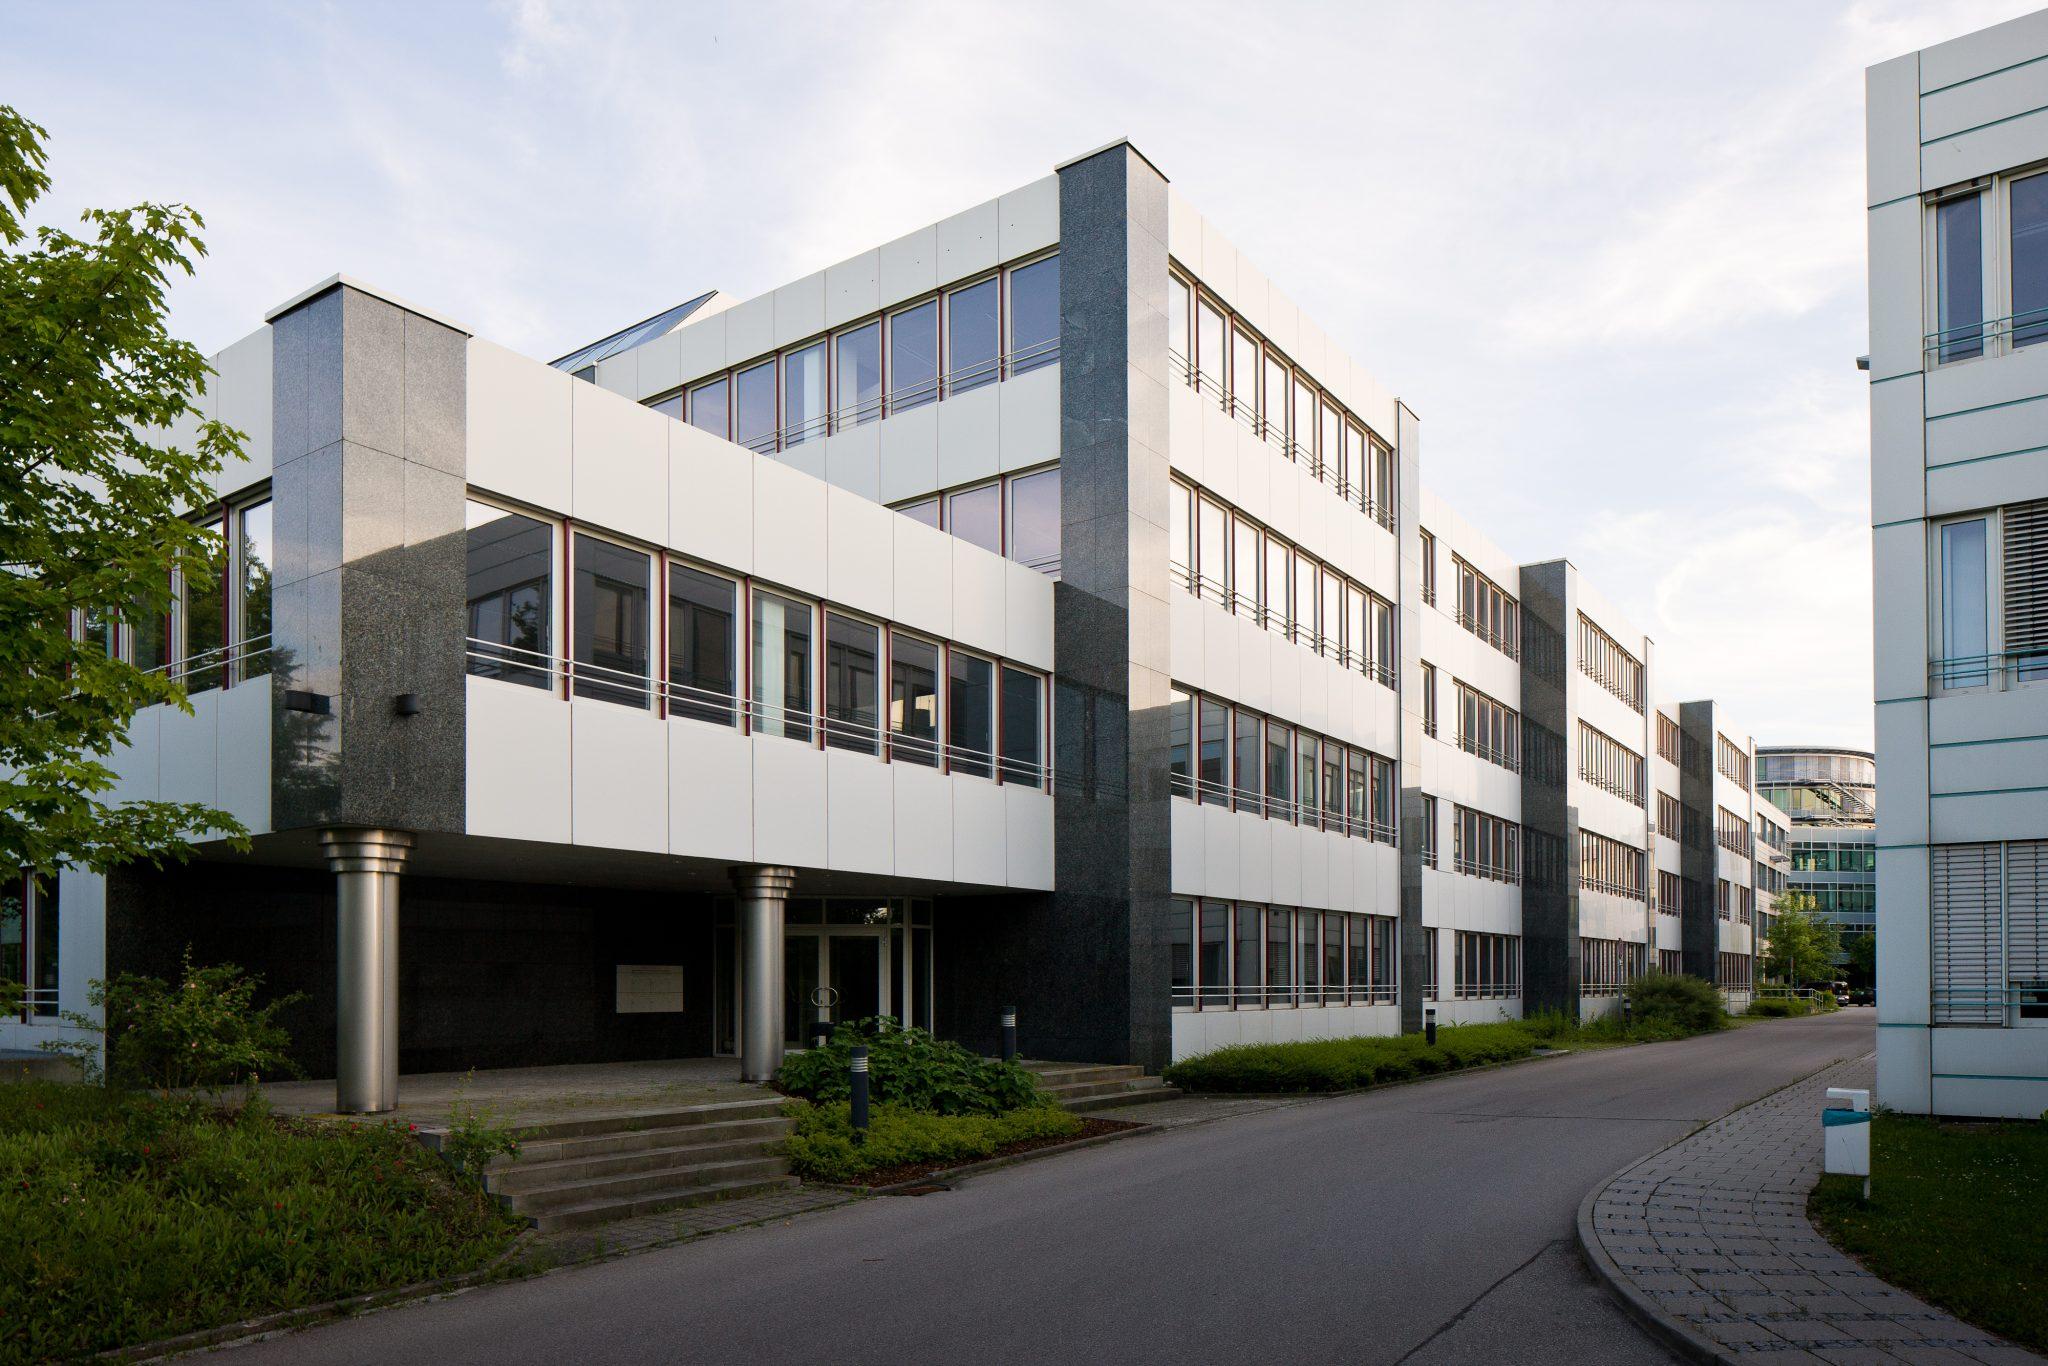 Schlemmer AFirmenzentrale Aschheim Foto: Manuel Frauendorf